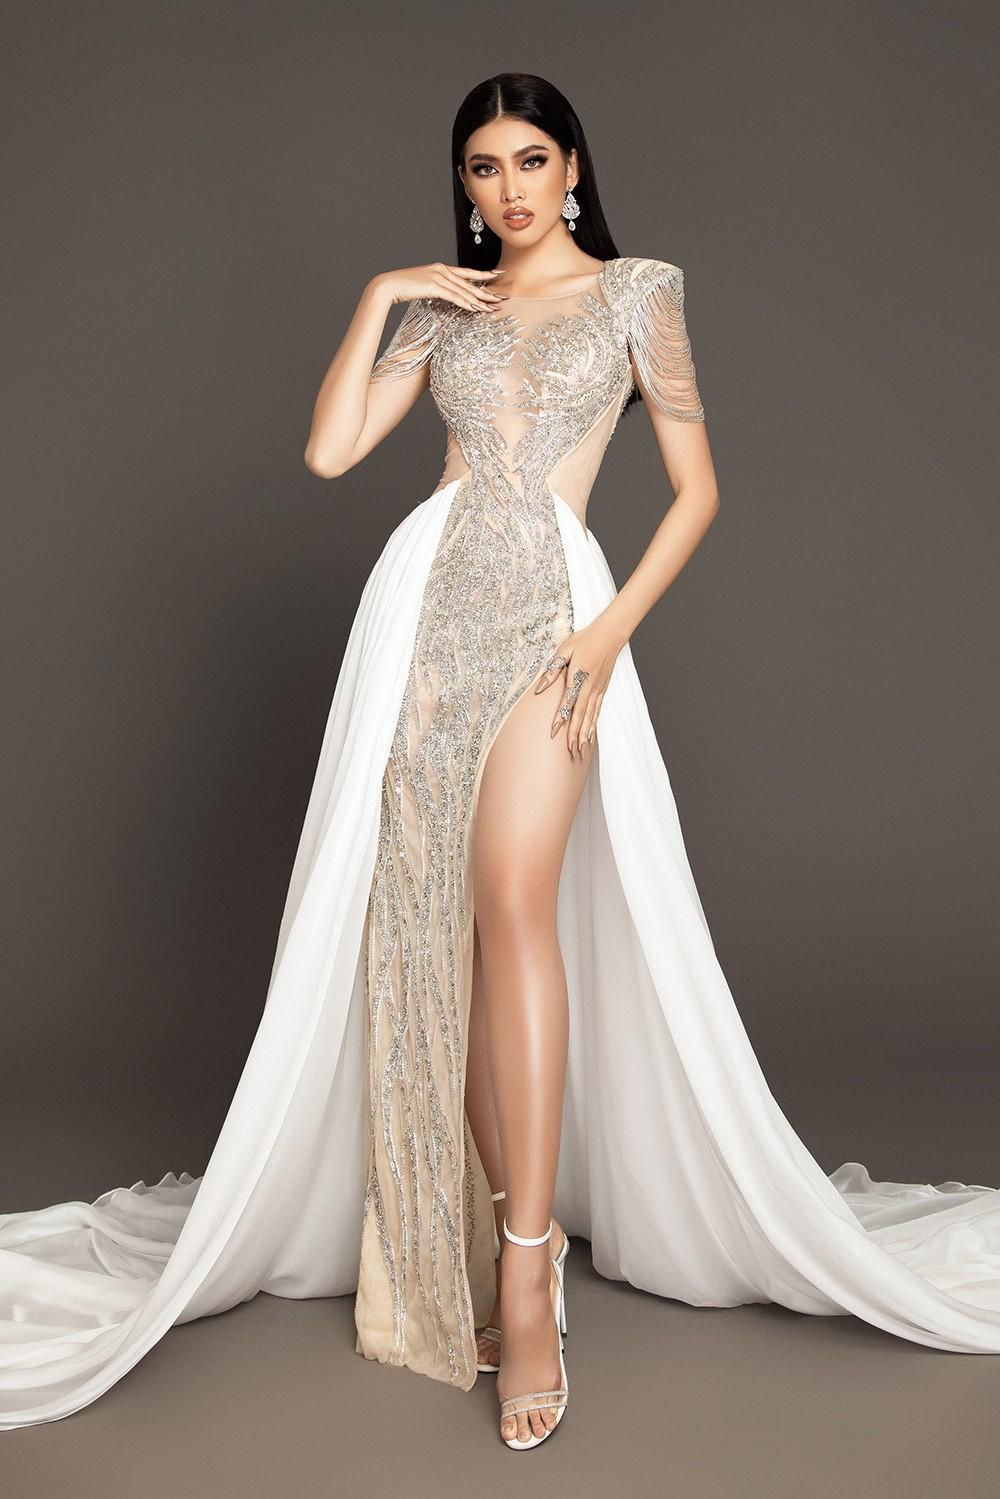 Lộ diện váy dạ hội mang thông điệp hòa bình của Ngọc Thảo tại bán kết Miss Grand ảnh 2